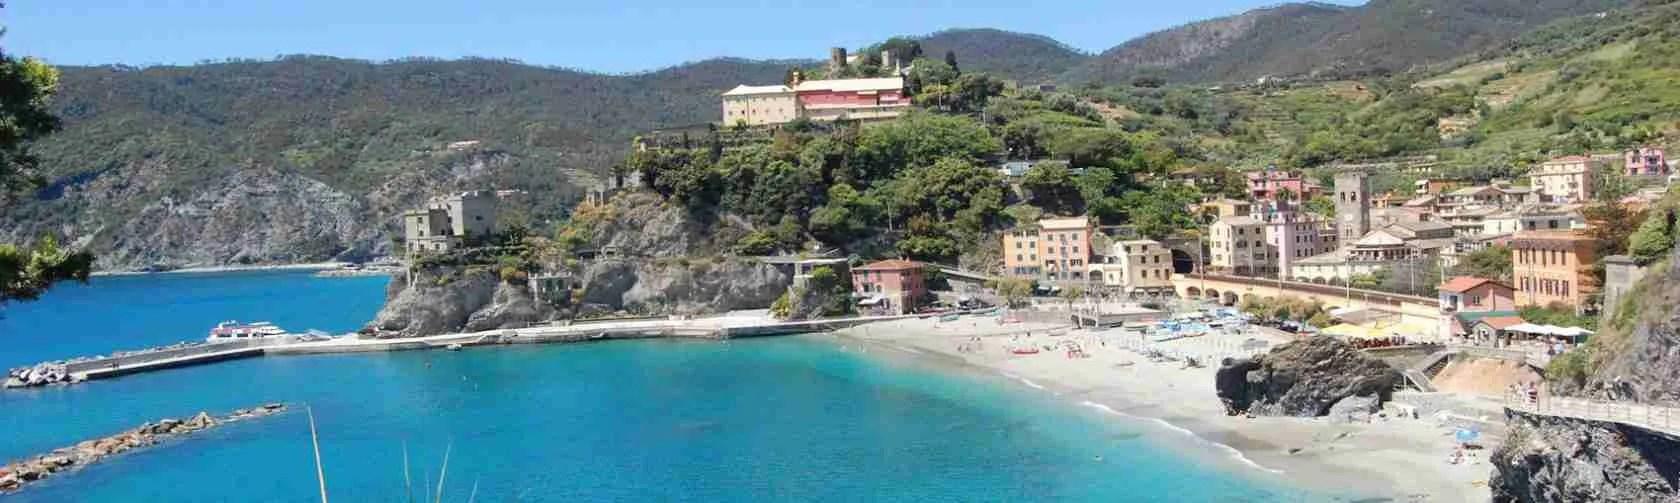 Le Cinque Terre sono il posto perfetto per una vacanza con una escort La Spezia.